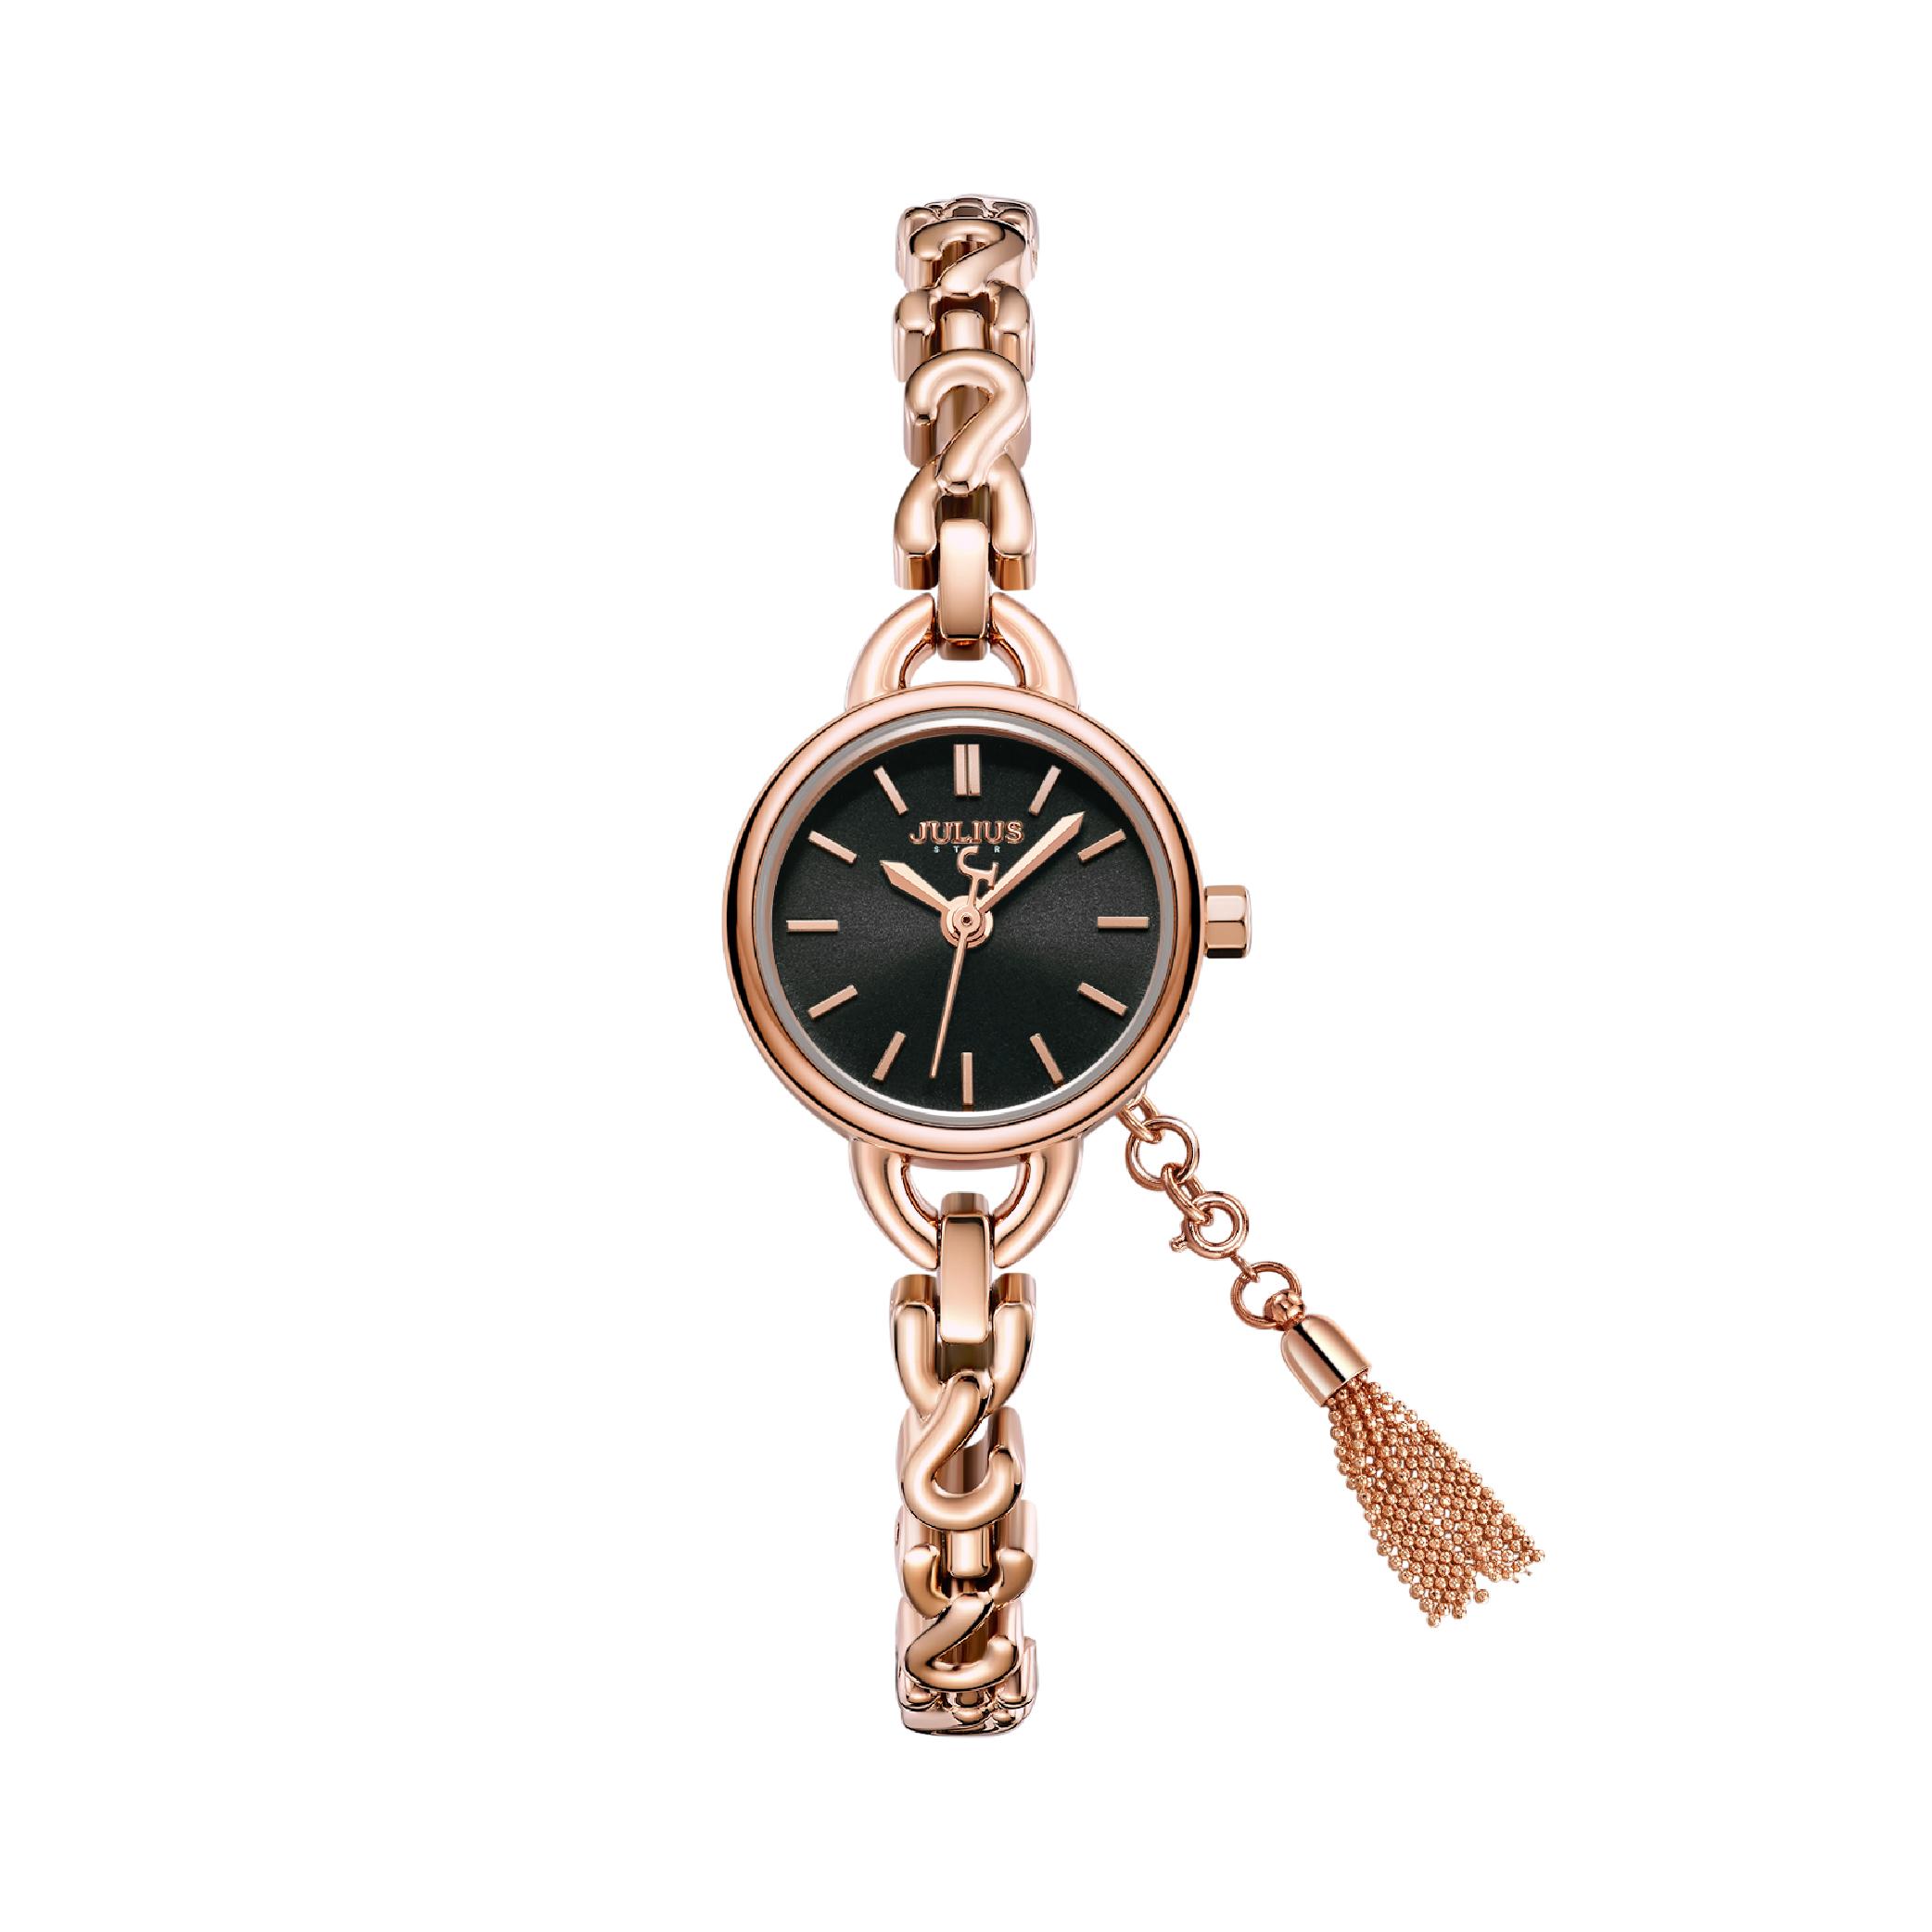 นาฬิกาข้อมือผู้หญิง JULIUS STAR JS-018 D